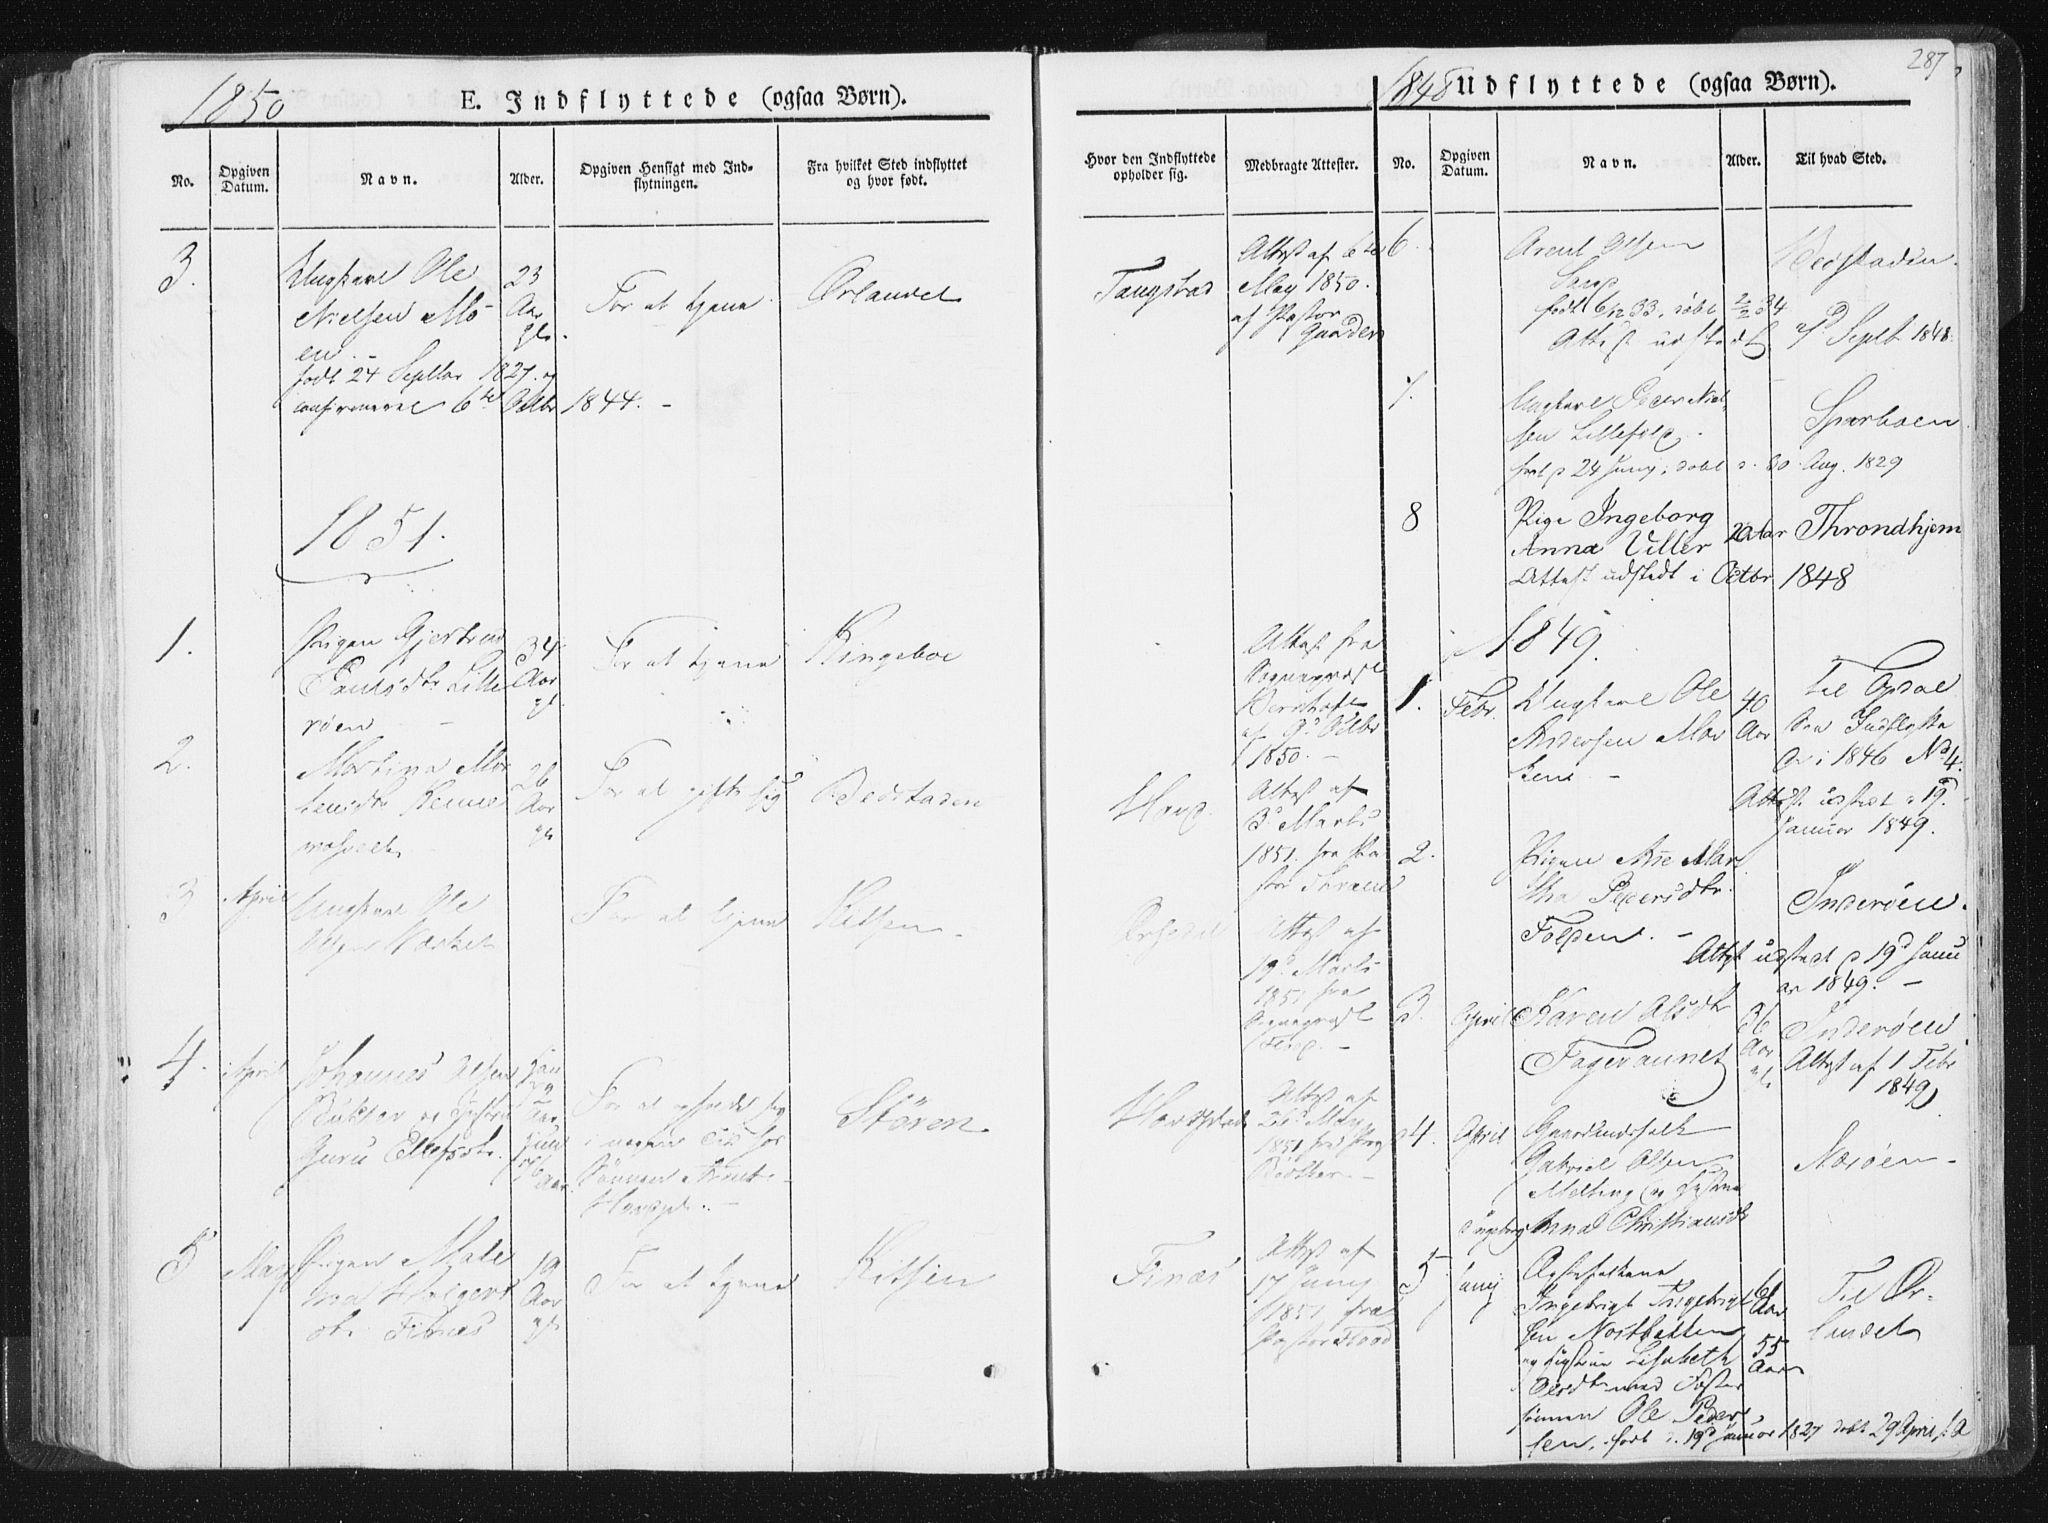 SAT, Ministerialprotokoller, klokkerbøker og fødselsregistre - Nord-Trøndelag, 744/L0418: Ministerialbok nr. 744A02, 1843-1866, s. 287